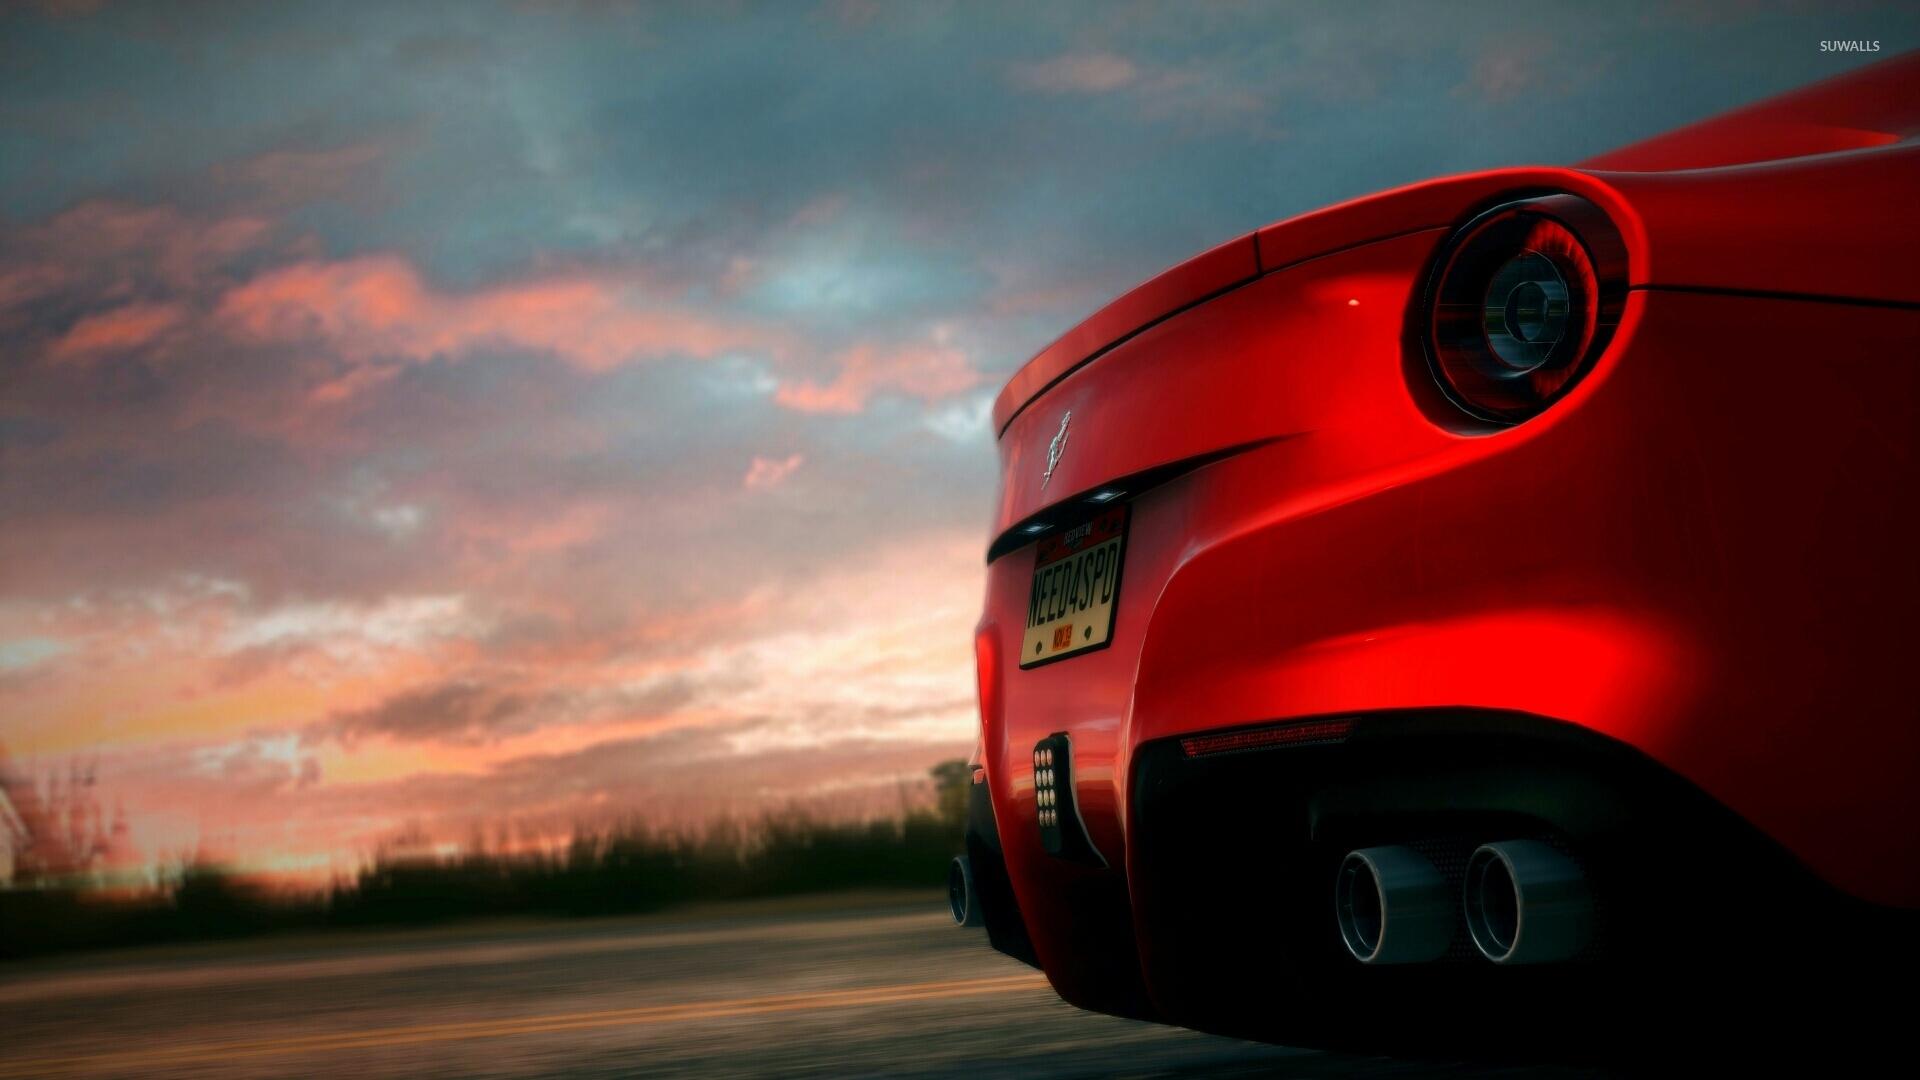 Ferrari F12 Hd Wallpapers Ferrari F12 Berlinetta Need For Speed Rivals 2